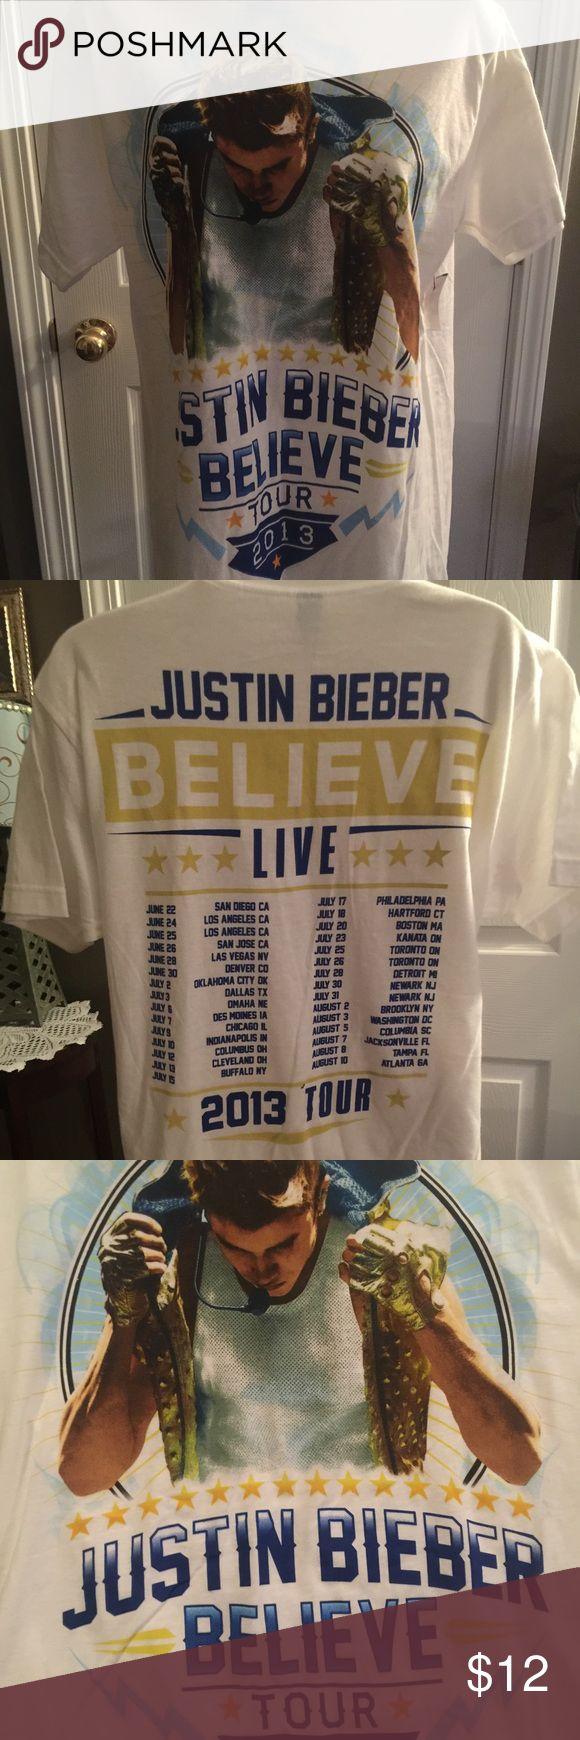 Justin Bieber 2013 Believe tour shirt New Justin Beiber tour shirt Tops Tees - Short Sleeve